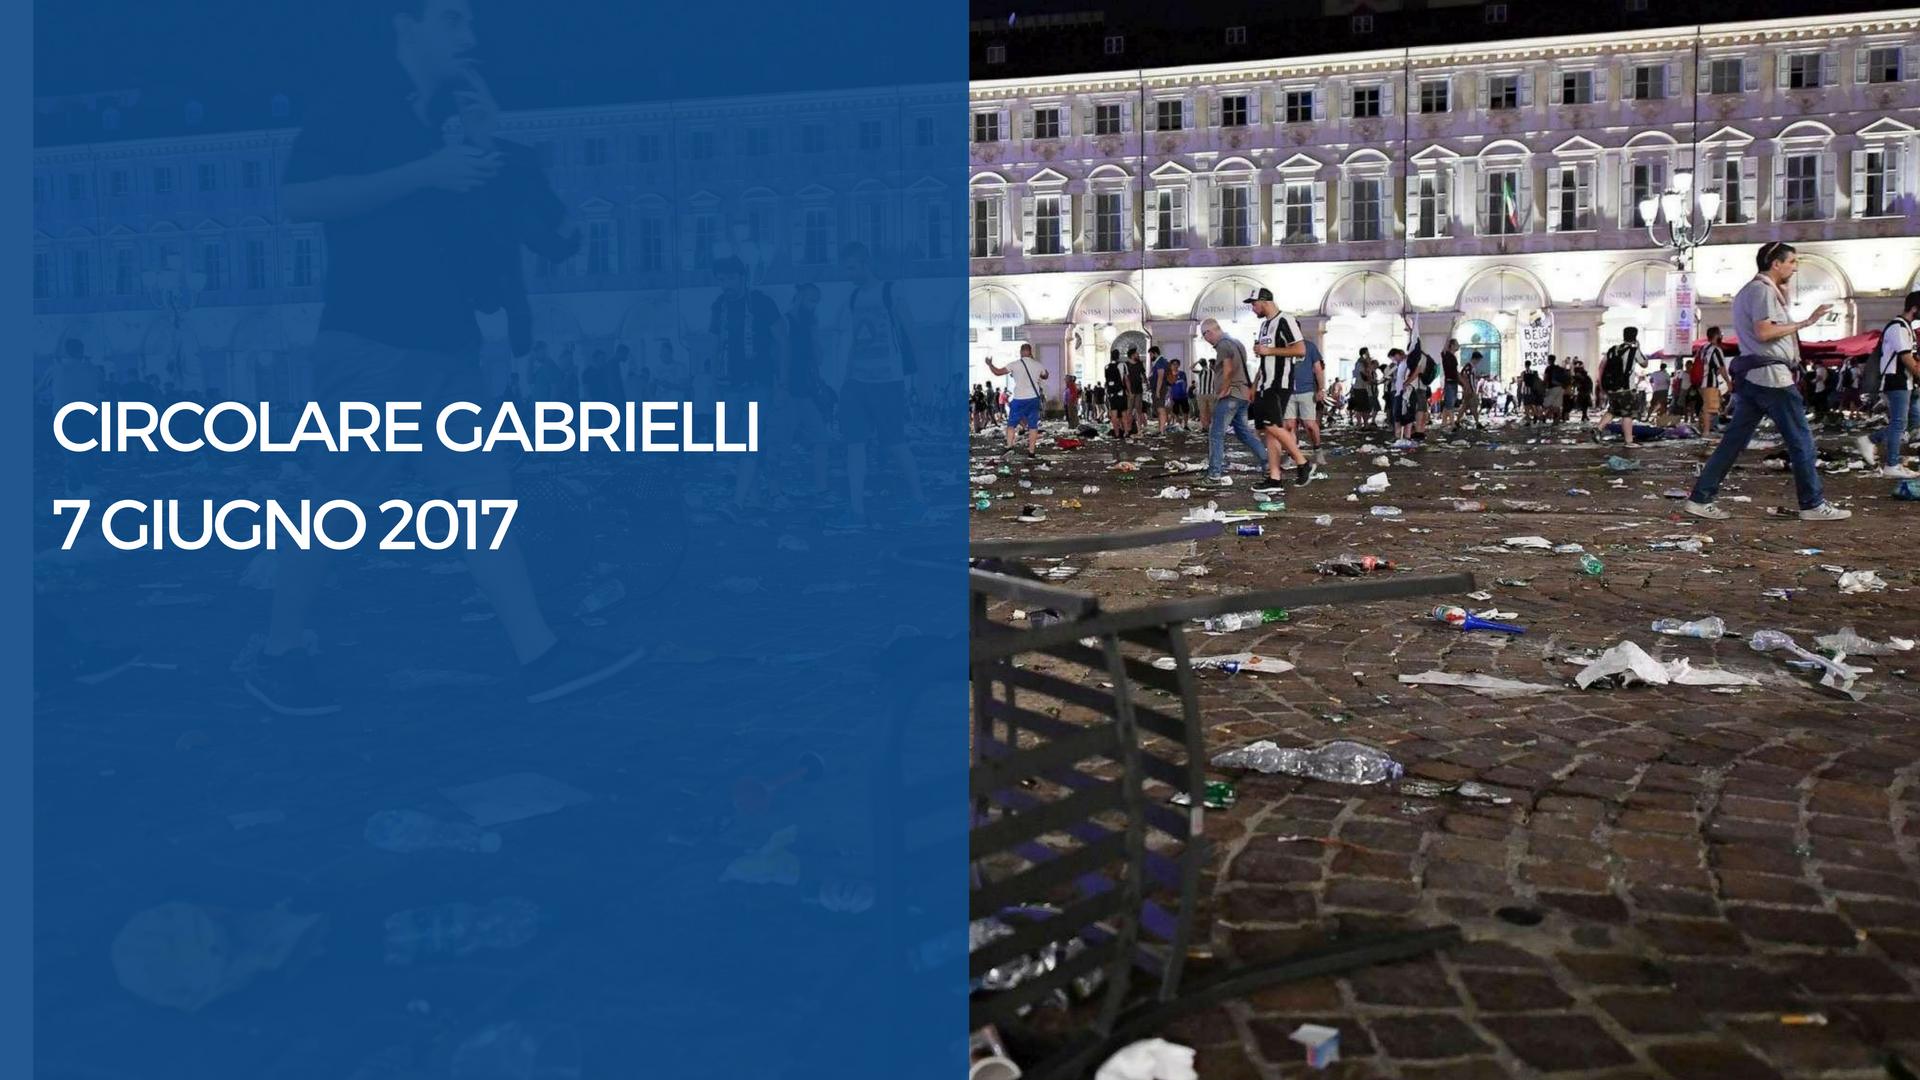 Circolare Gabrielli del 7 giugno 2017 i dettagli a riguardo delle manifestazioni pubbliche